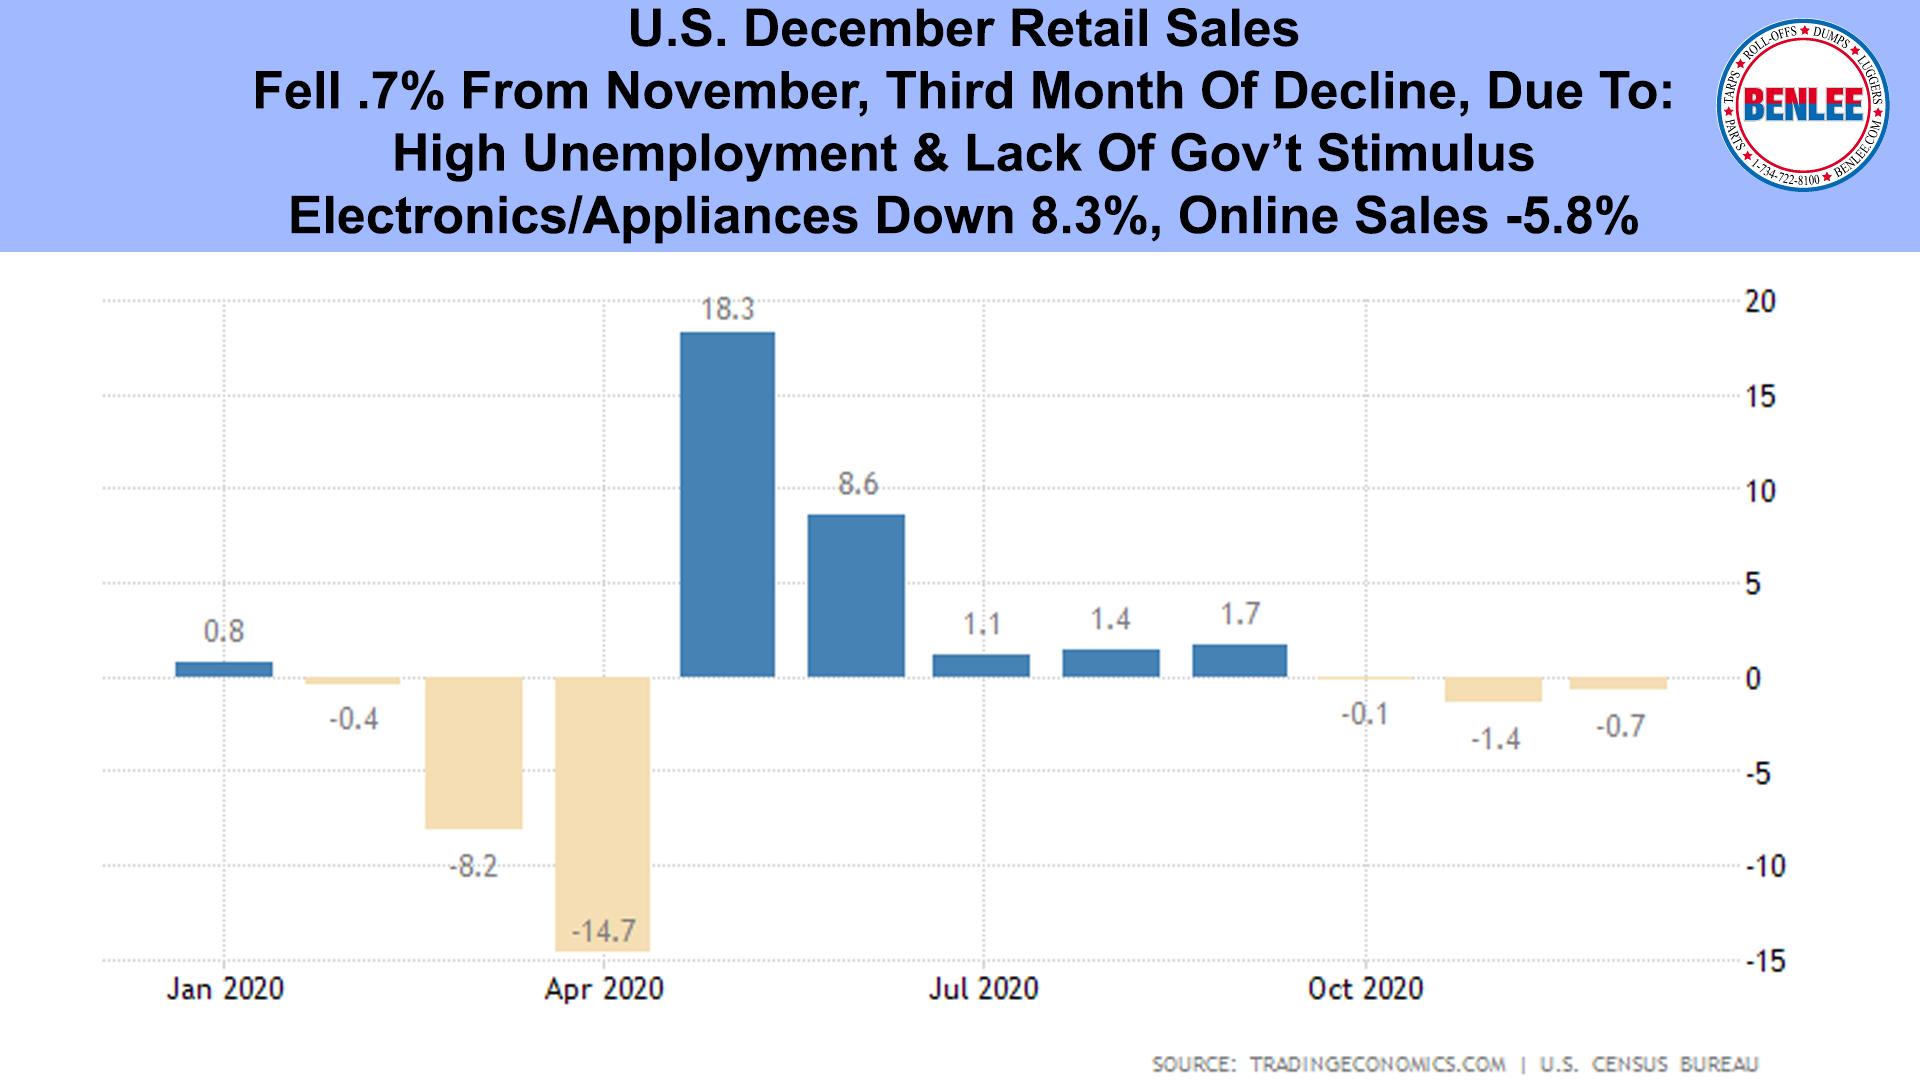 U.S. December Retail Sales